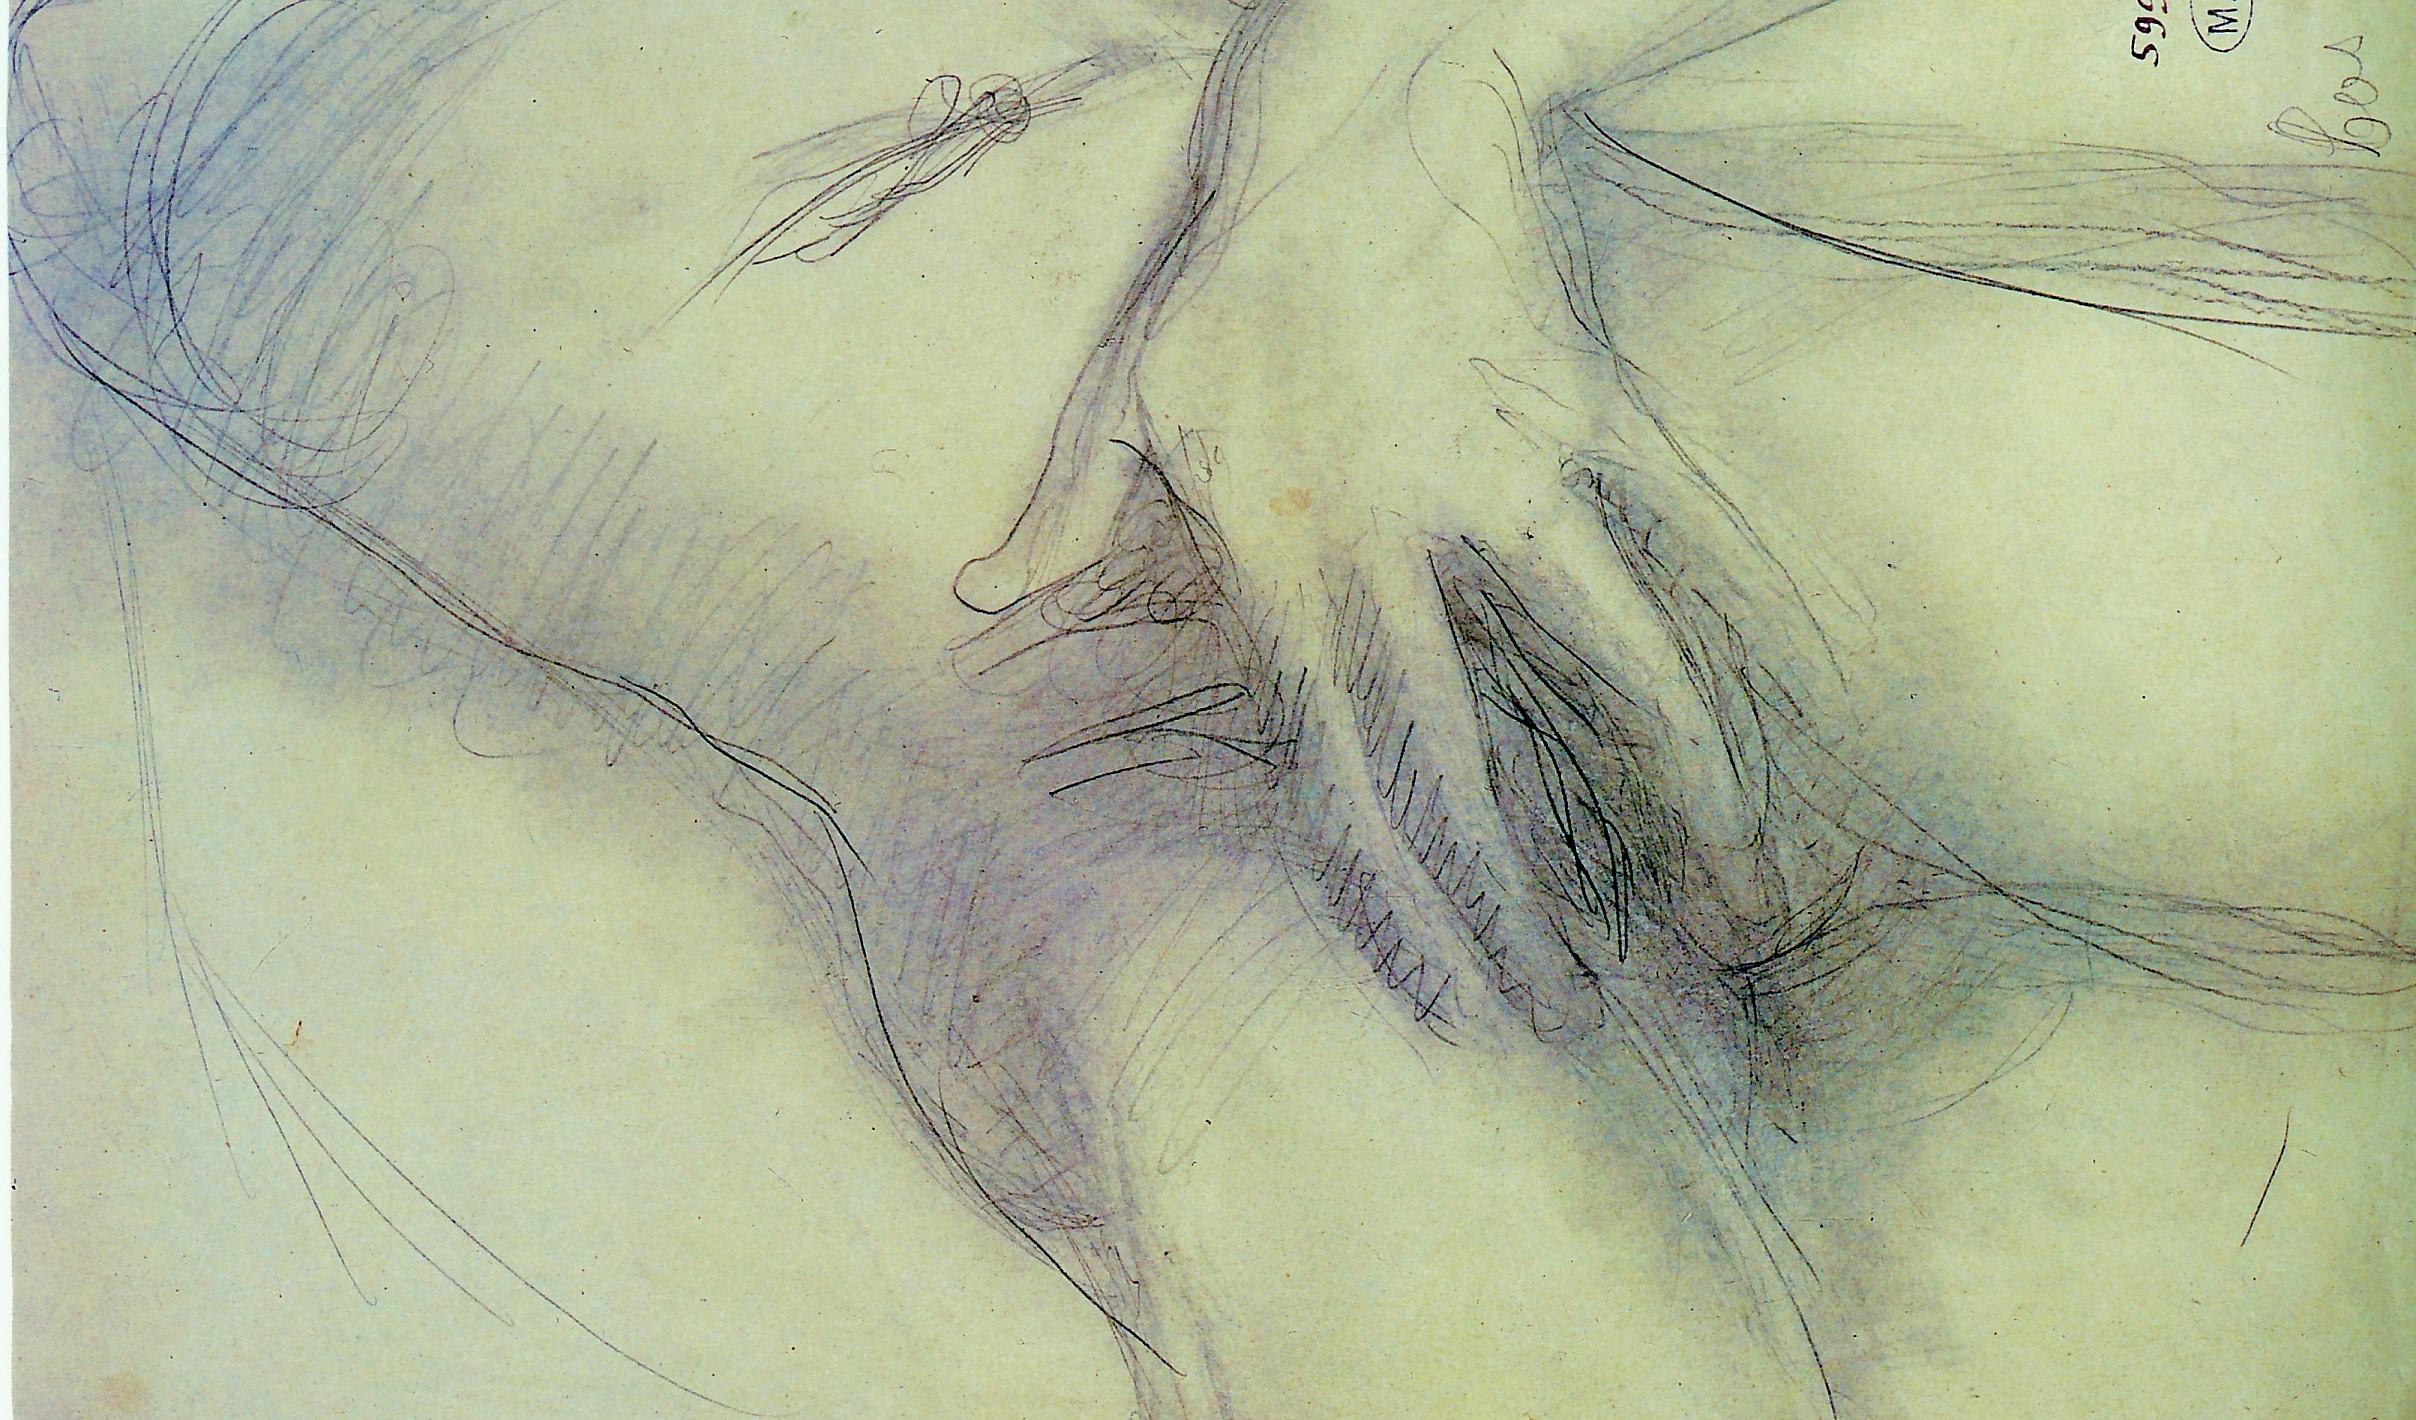 auguste-rodin-mano-sopra-un-sesso2 (1)